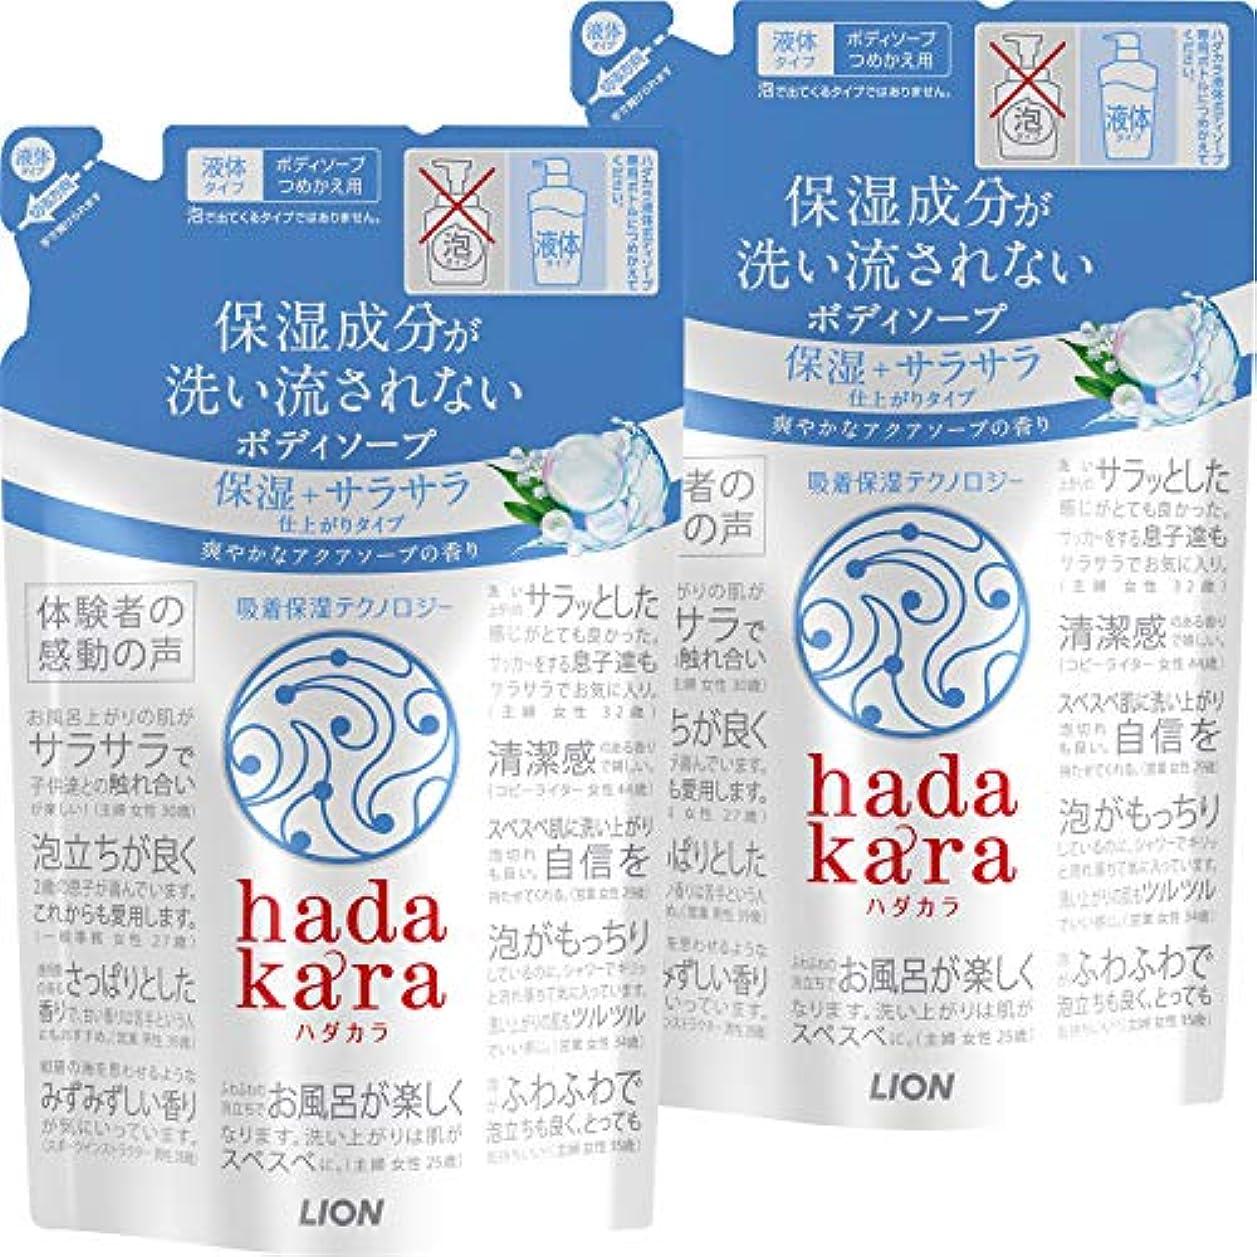 苦しむ累積エンゲージメント【まとめ買い】hadakara(ハダカラ) ボディソープ 保湿+サラサラ仕上がりタイプ アクアソープの香り 詰め替え 340ml×2個パック